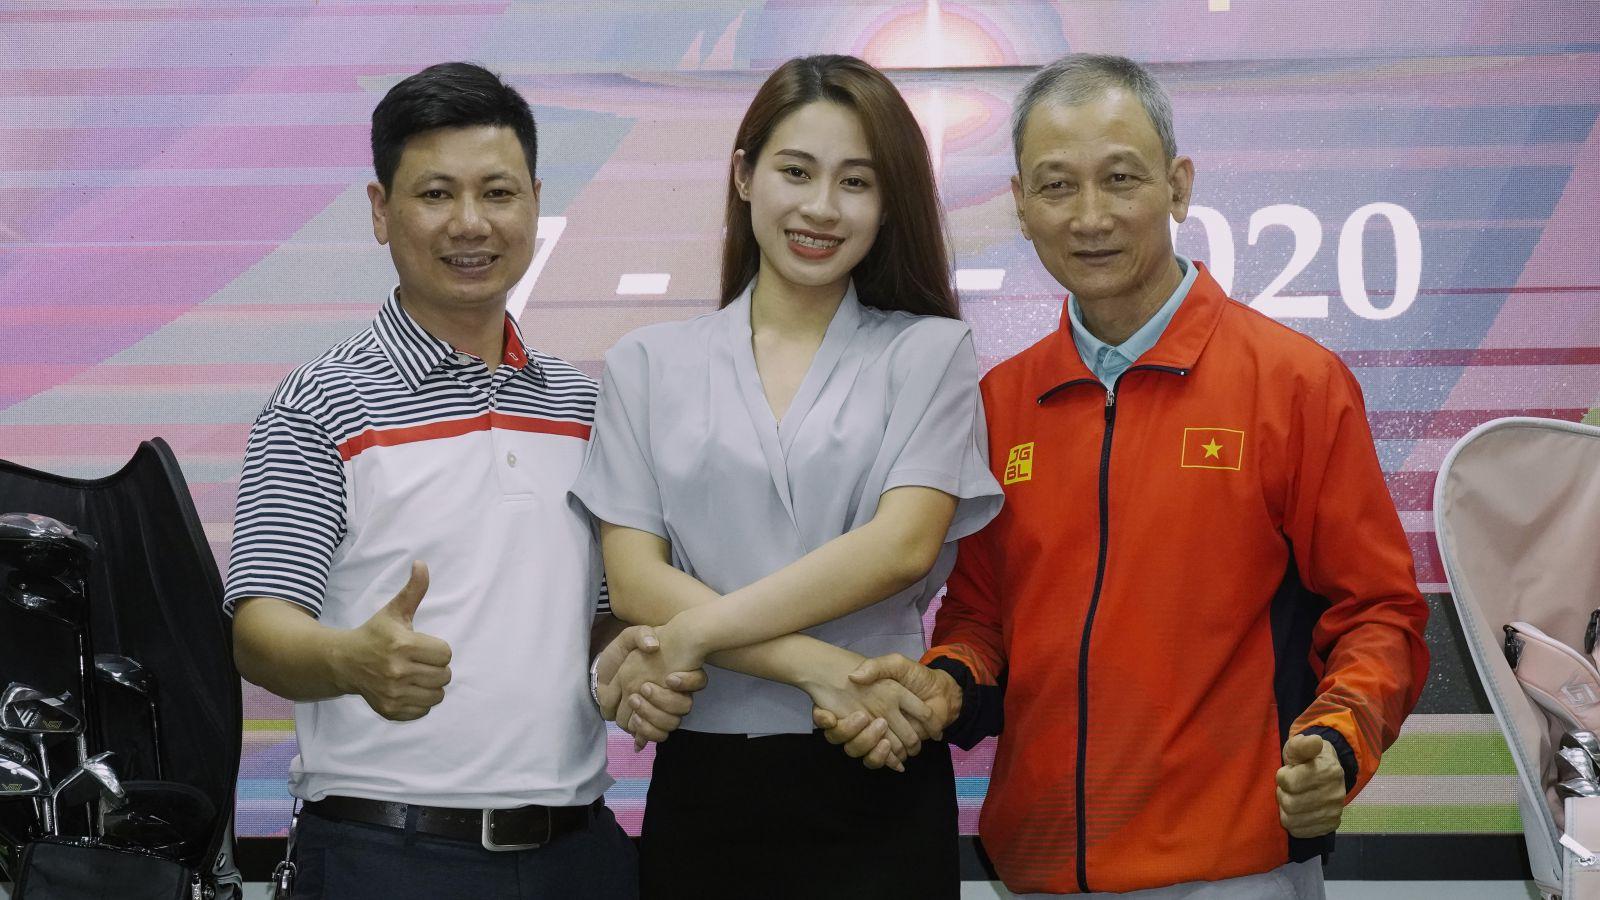 Launching Victory.G Kenichi - Bước đệm giúp Golfgroup ký kết thành công cùng lúc 2 hợp đồng, mở rộng mạng lưới phân phối lên tới 40 đại lý trên cả nước